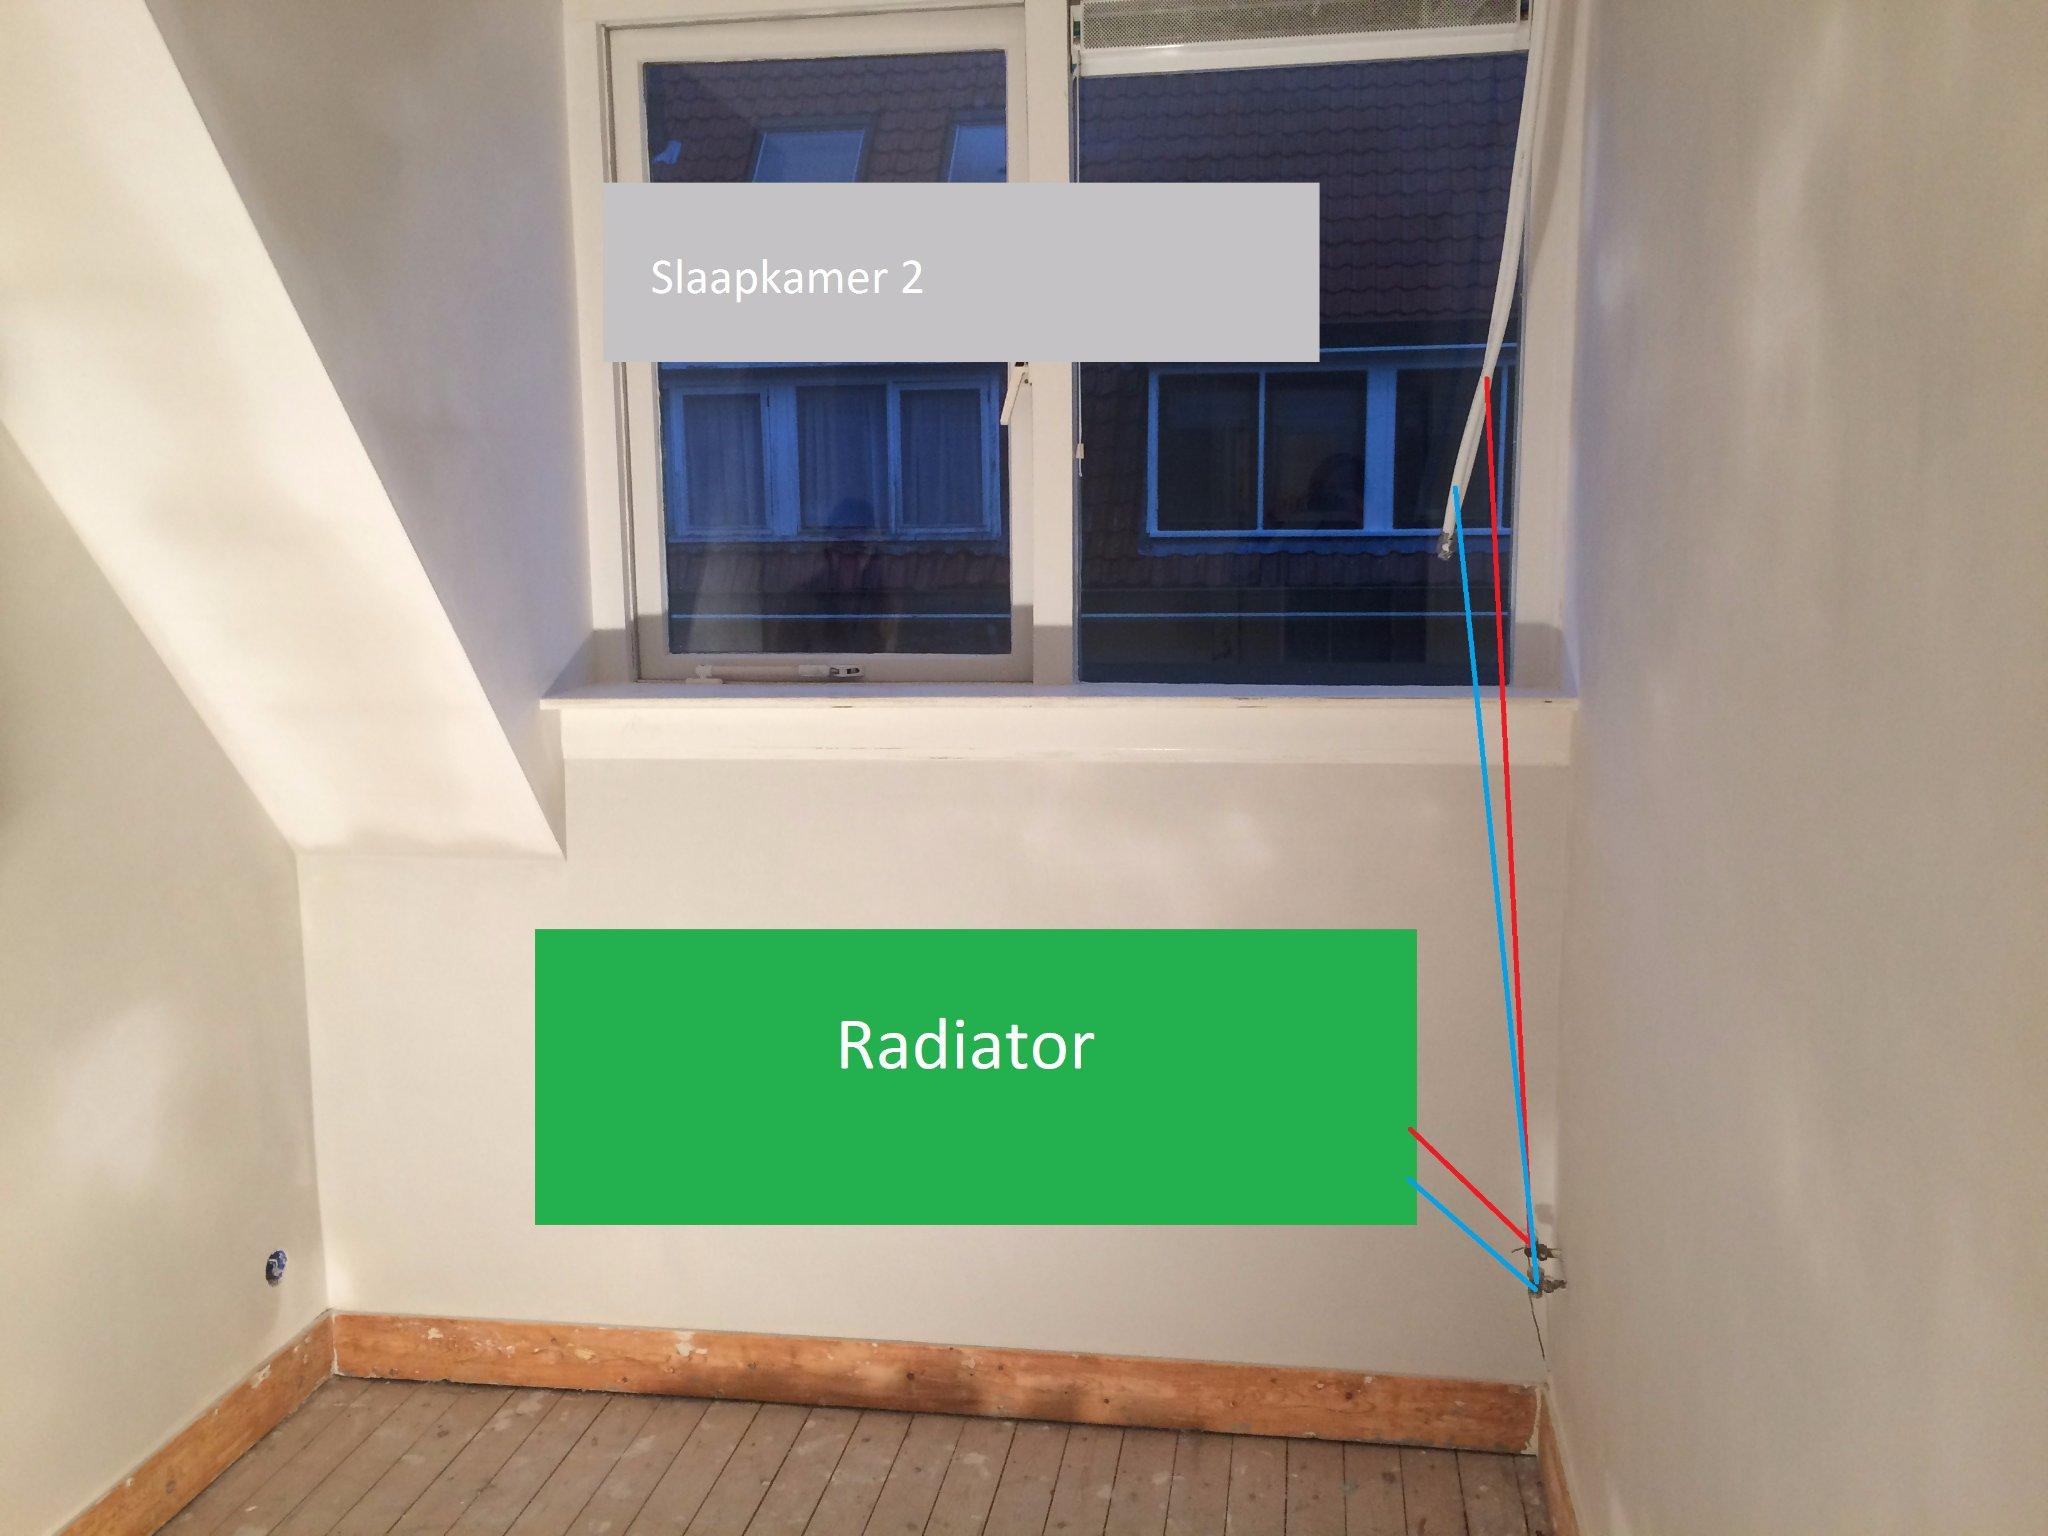 Radiatoren plaatsen en aansluiten op flexibele buis - Werkspot